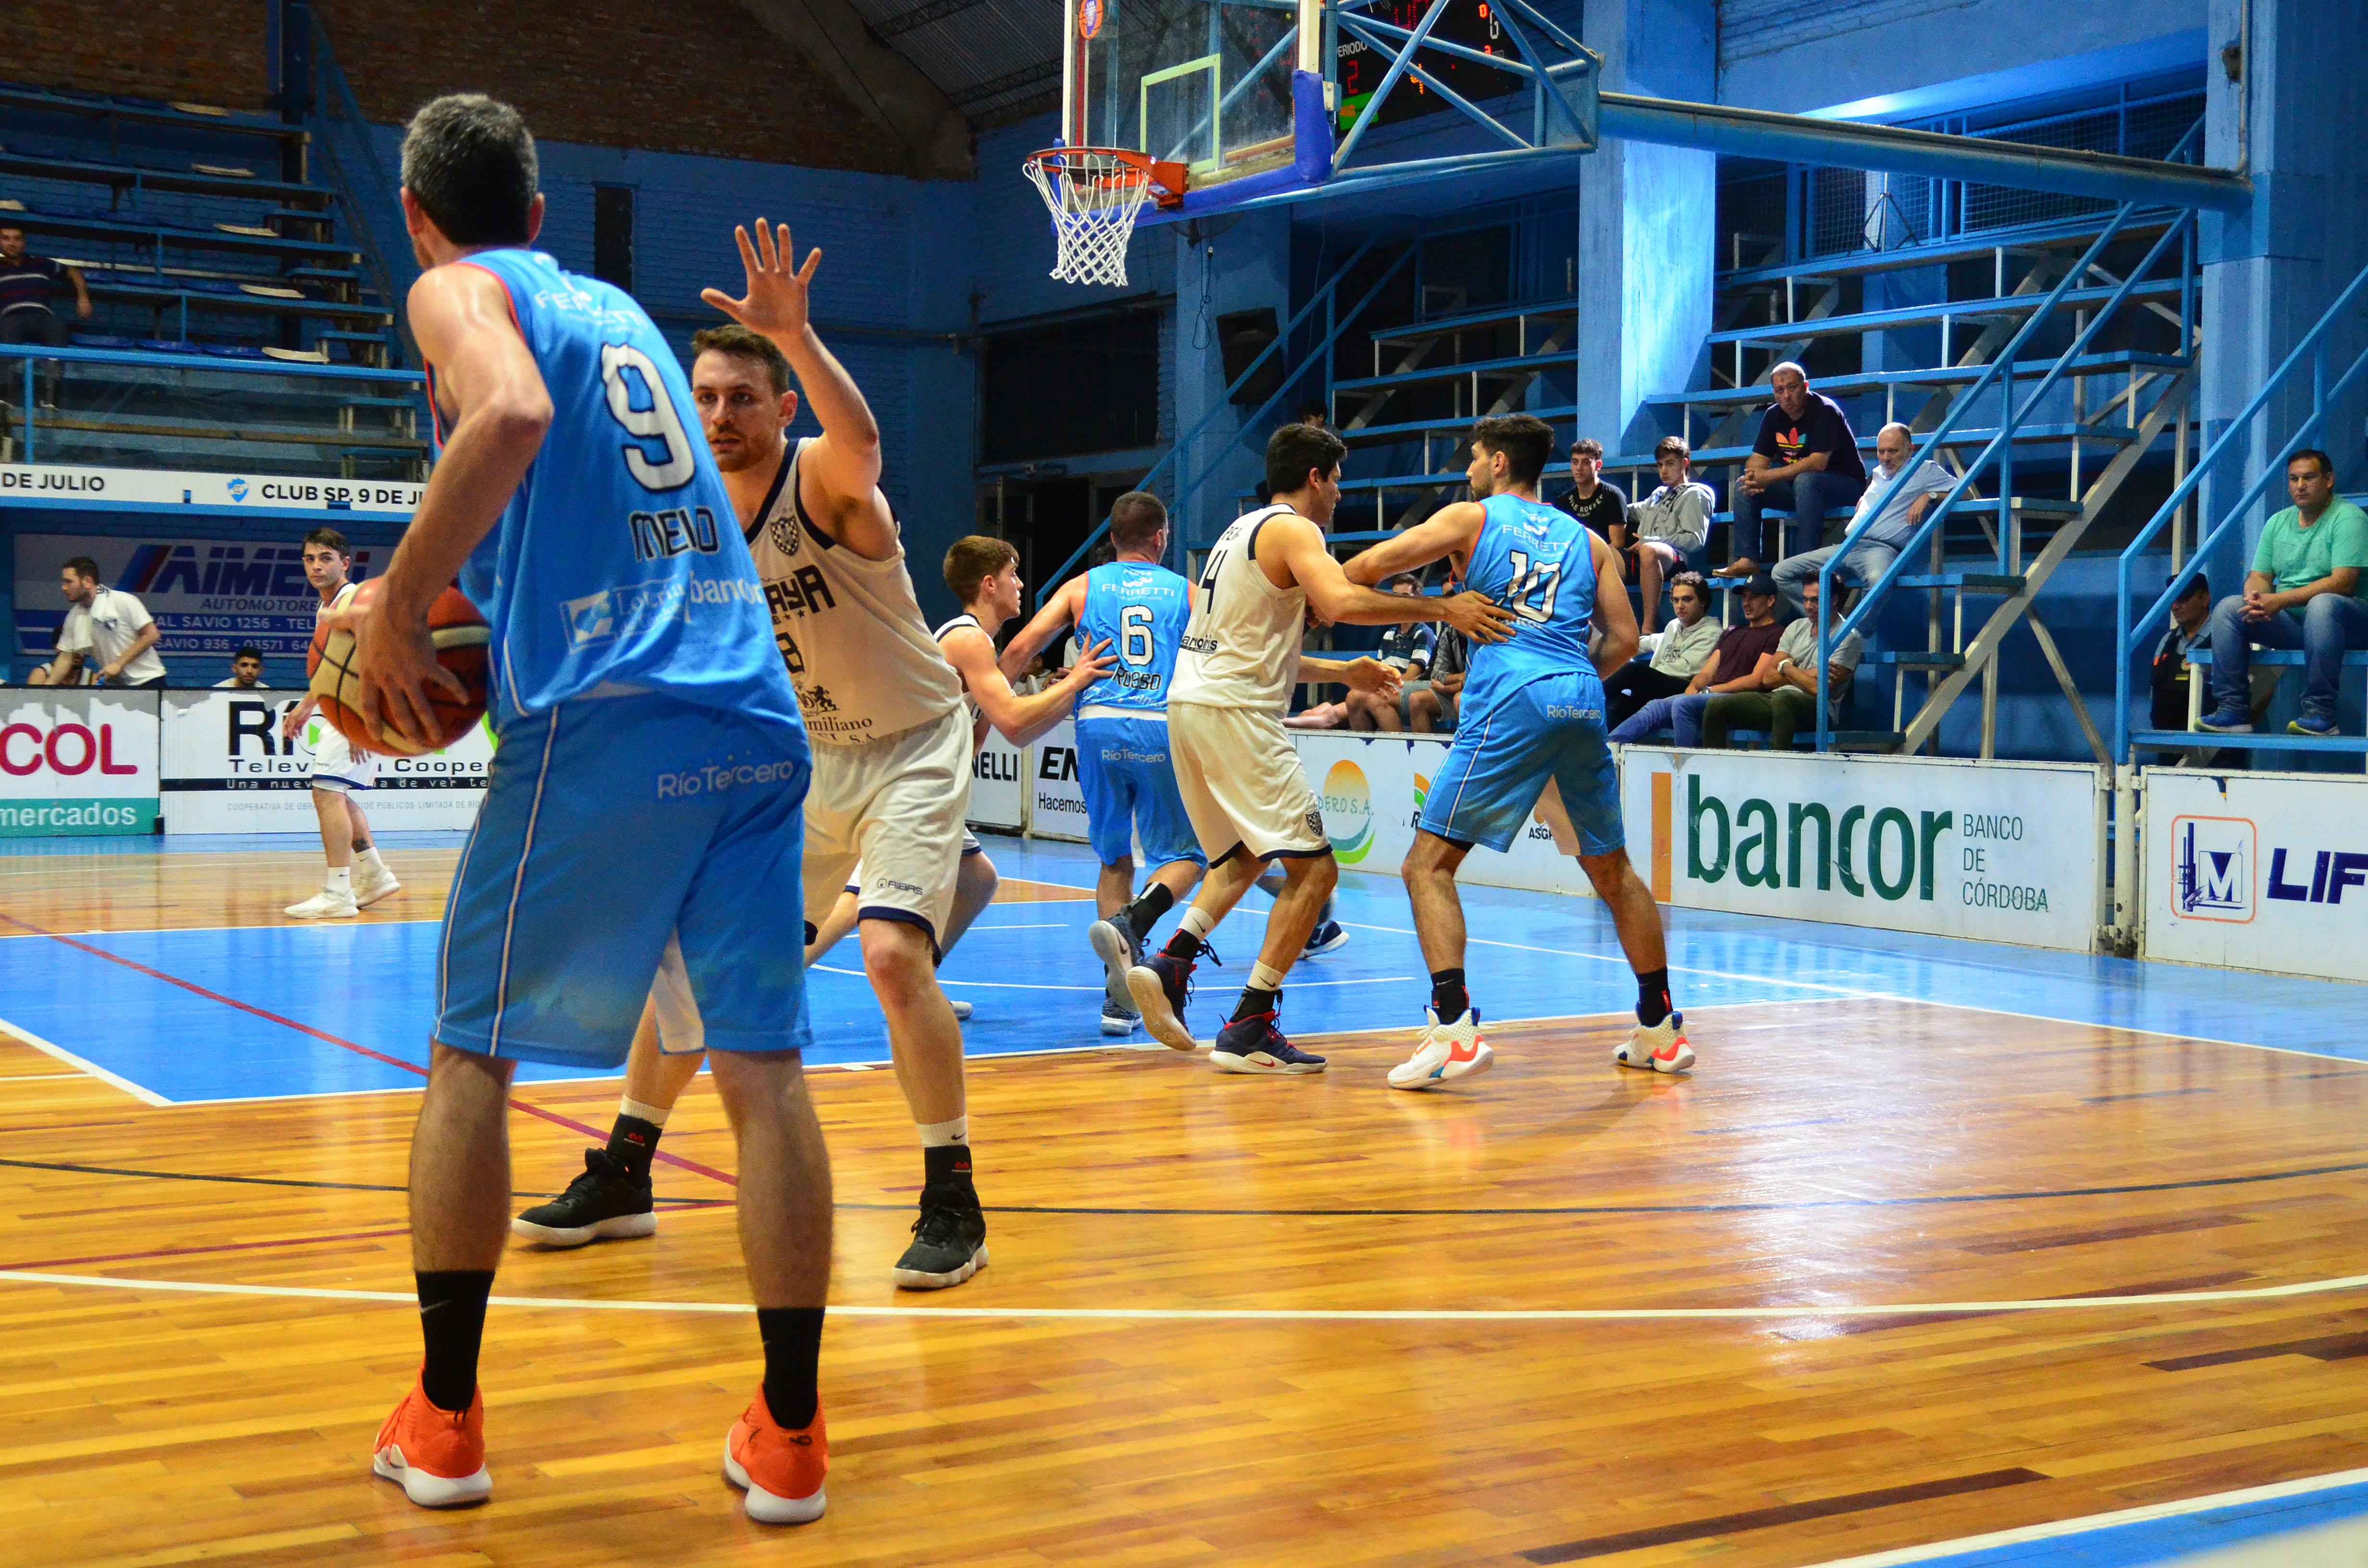 El Nueve visita a Sport Club en Cañada de Gómez